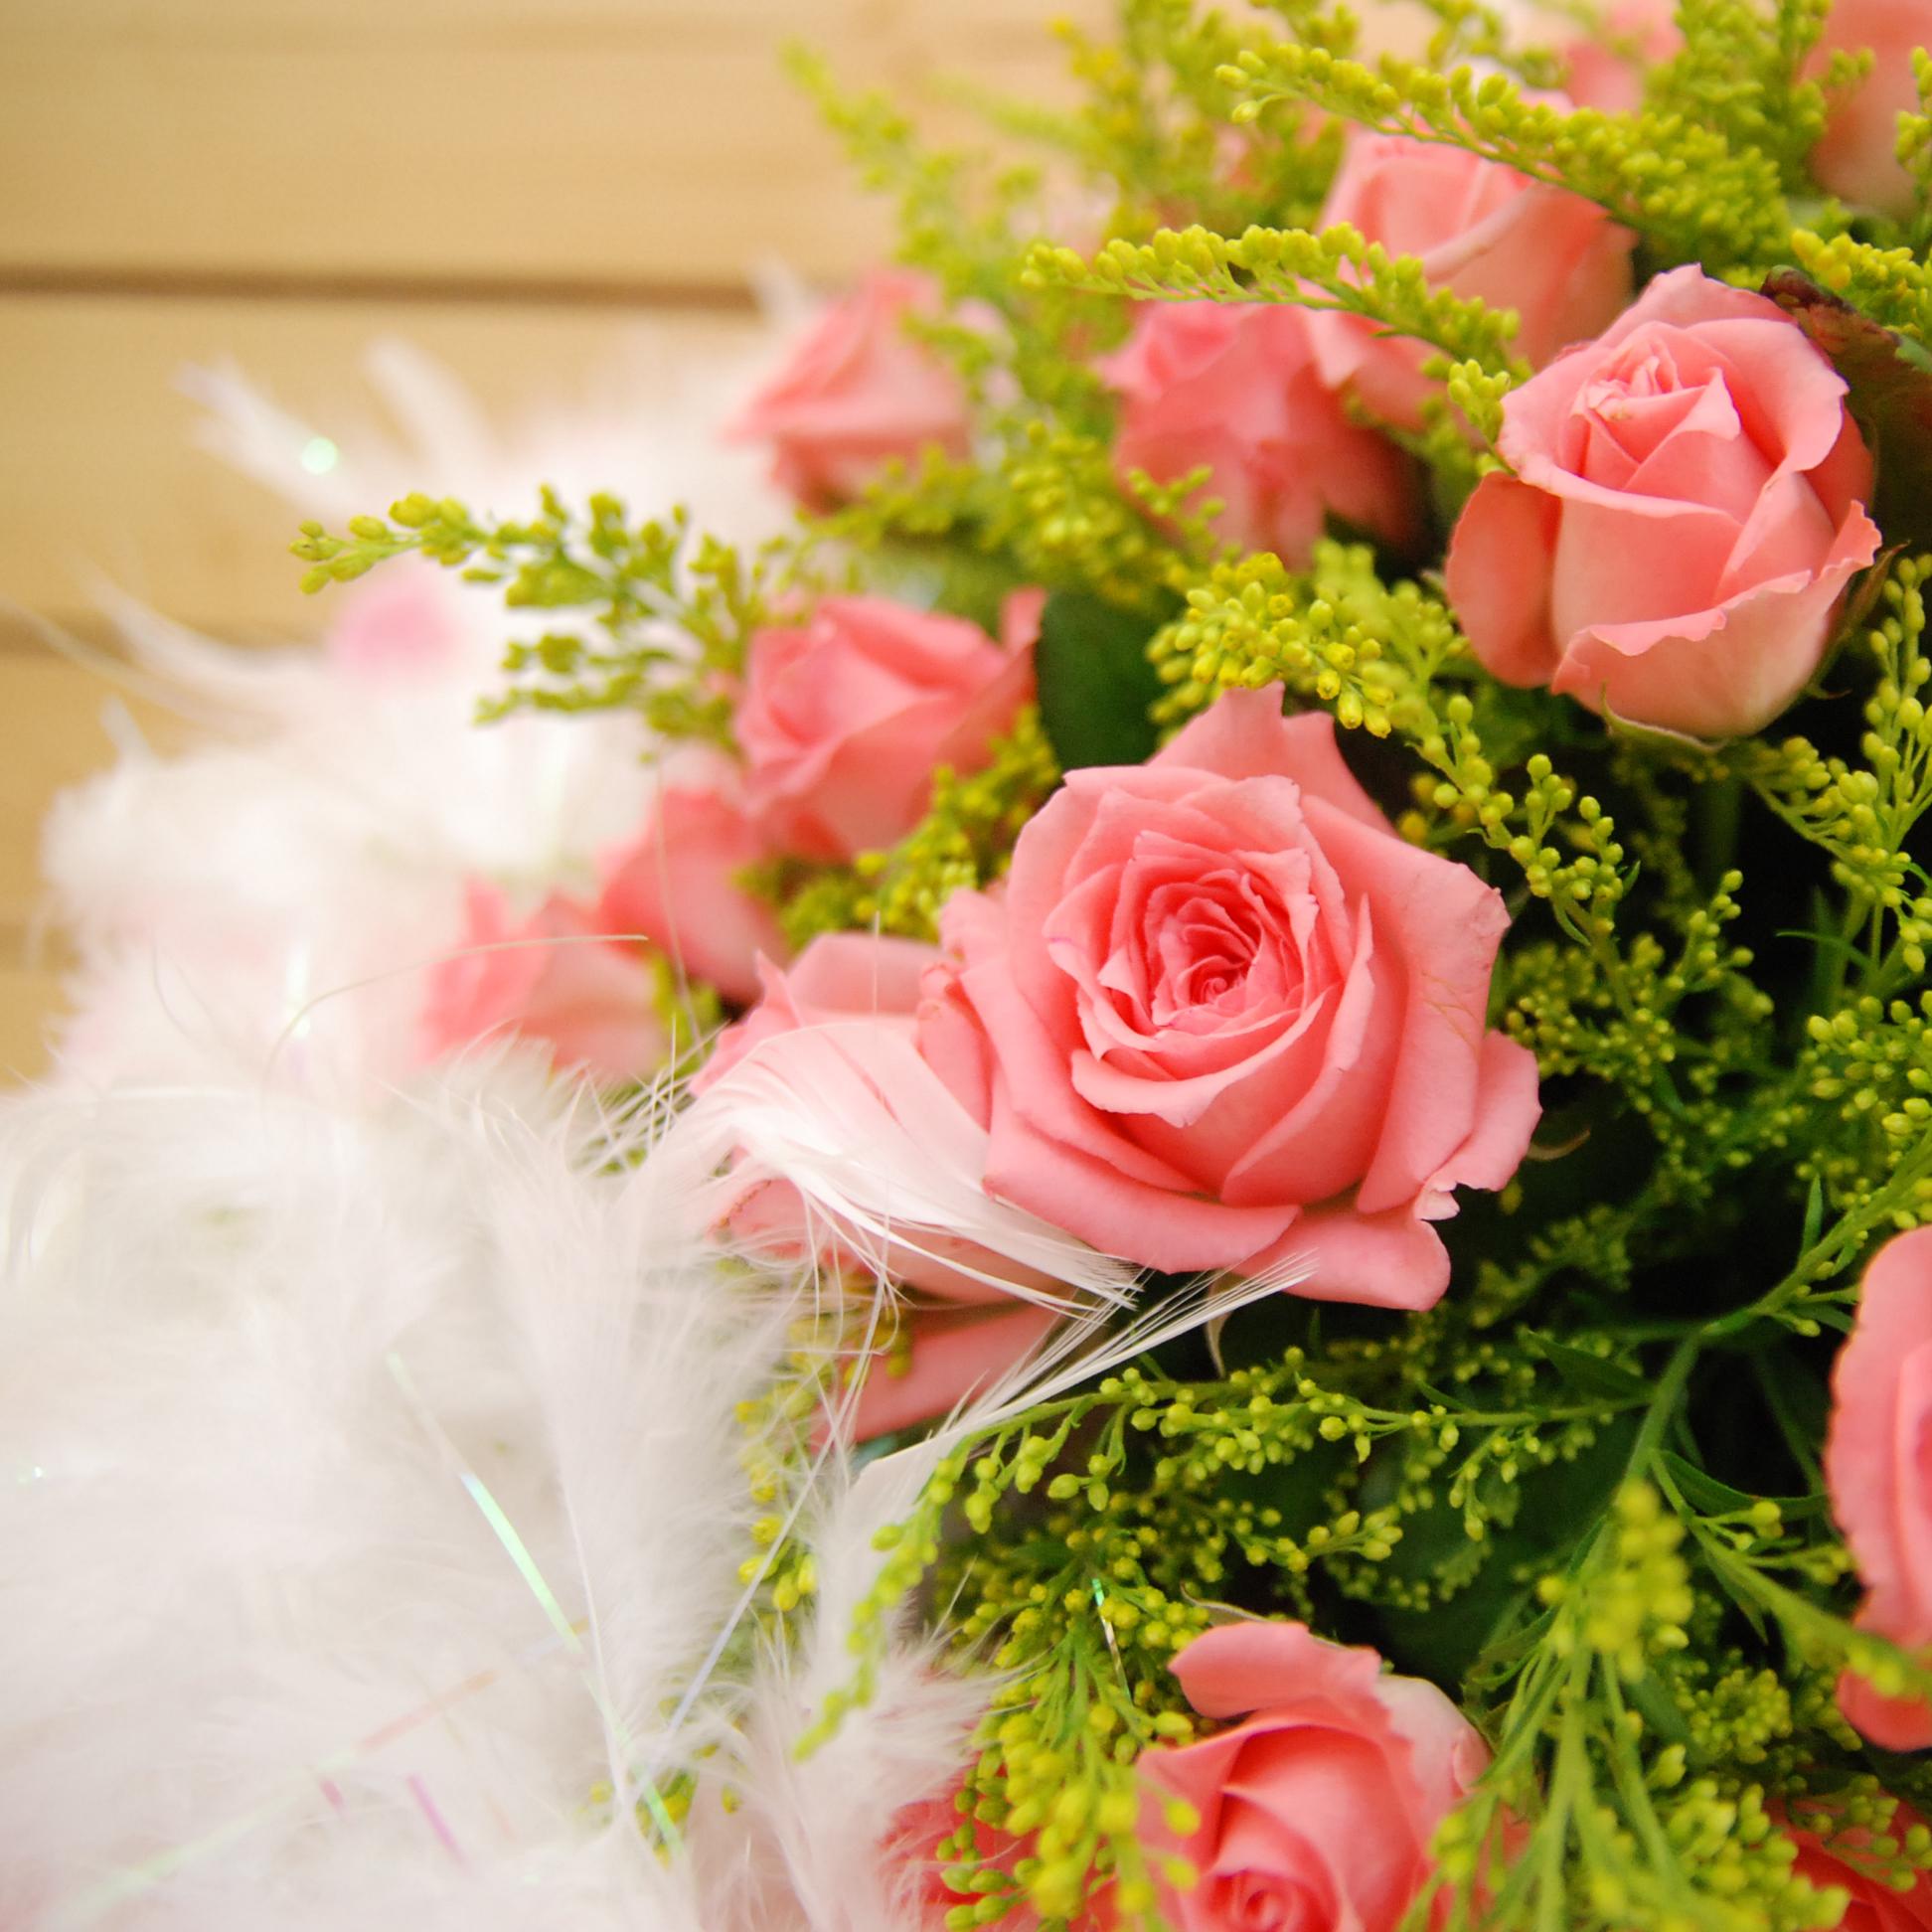 【巧繪網FR021412B 】情人最愛 50朵 粉玫瑰小熊花束 情人節花束 七夕花禮 禮物 網路花店